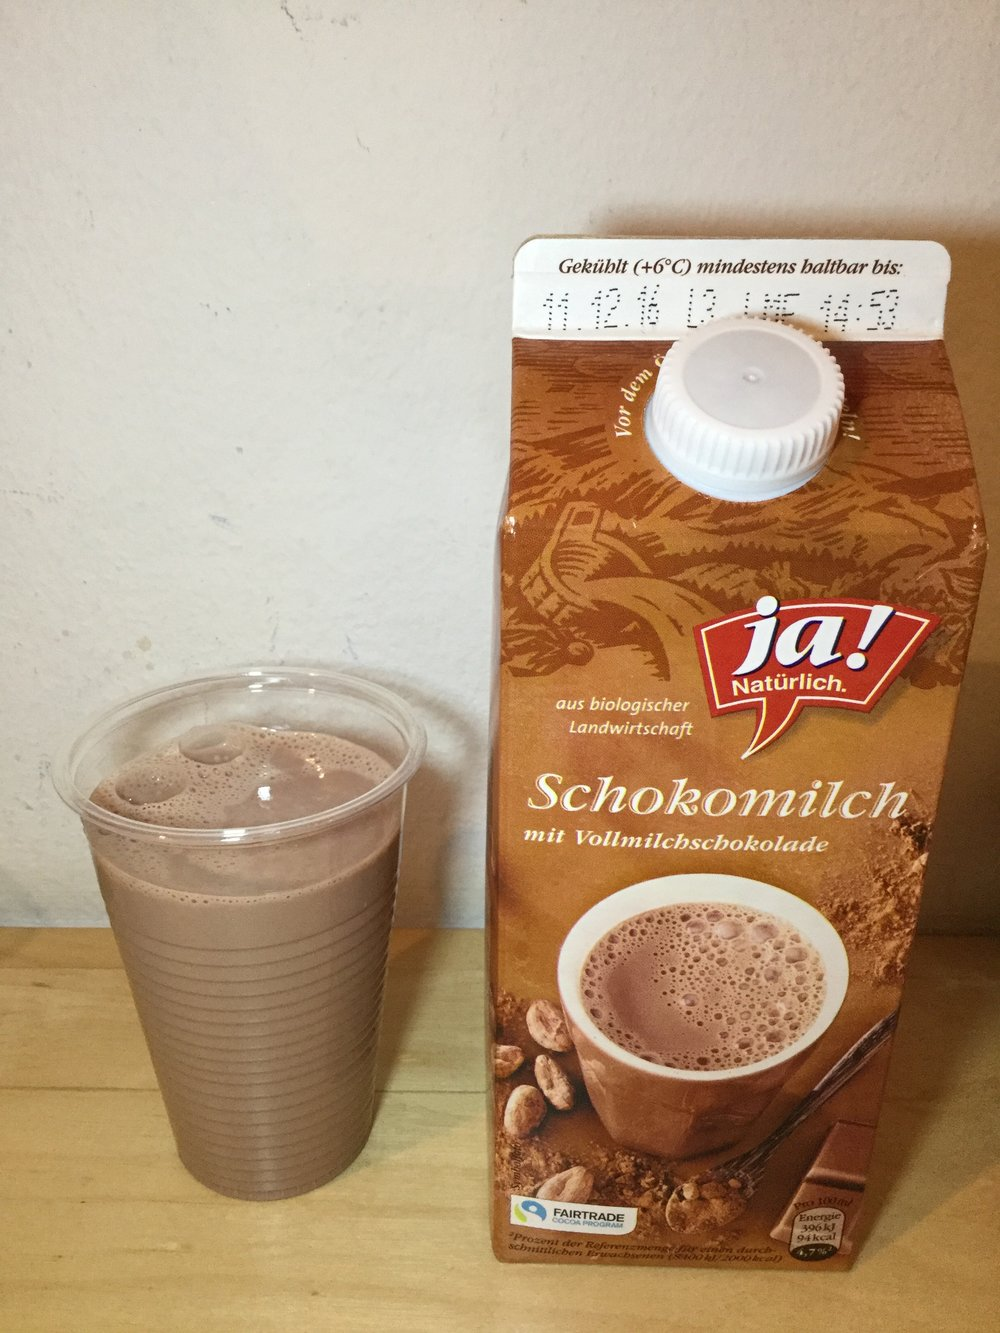 Ja! Natürlich Schokomilch Cup